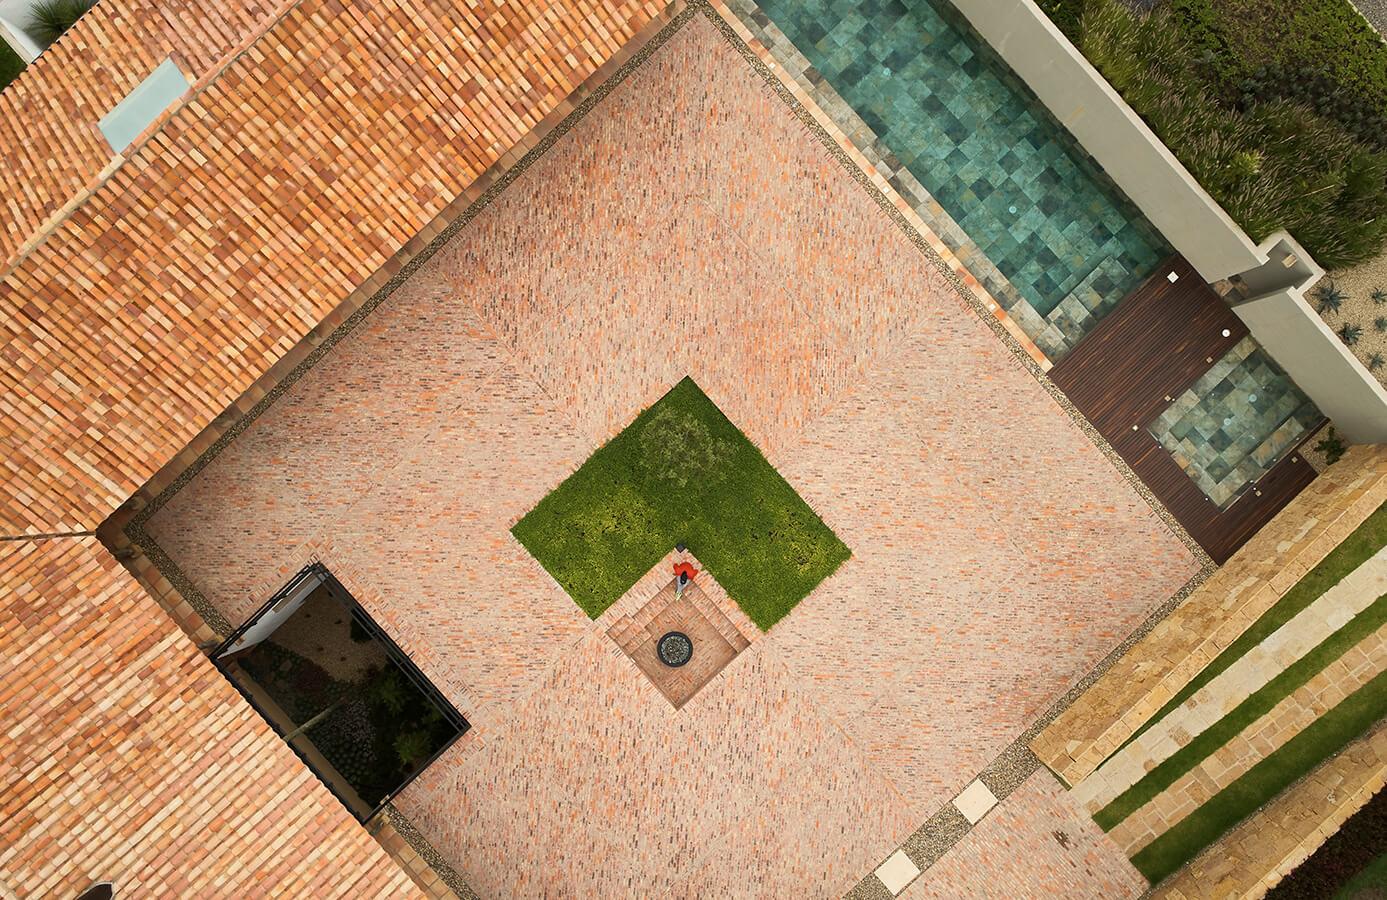 Villa de Leyva. Arquitectura: De la Carrera Cavanzo. Fotografía: Andrés Valbuena.